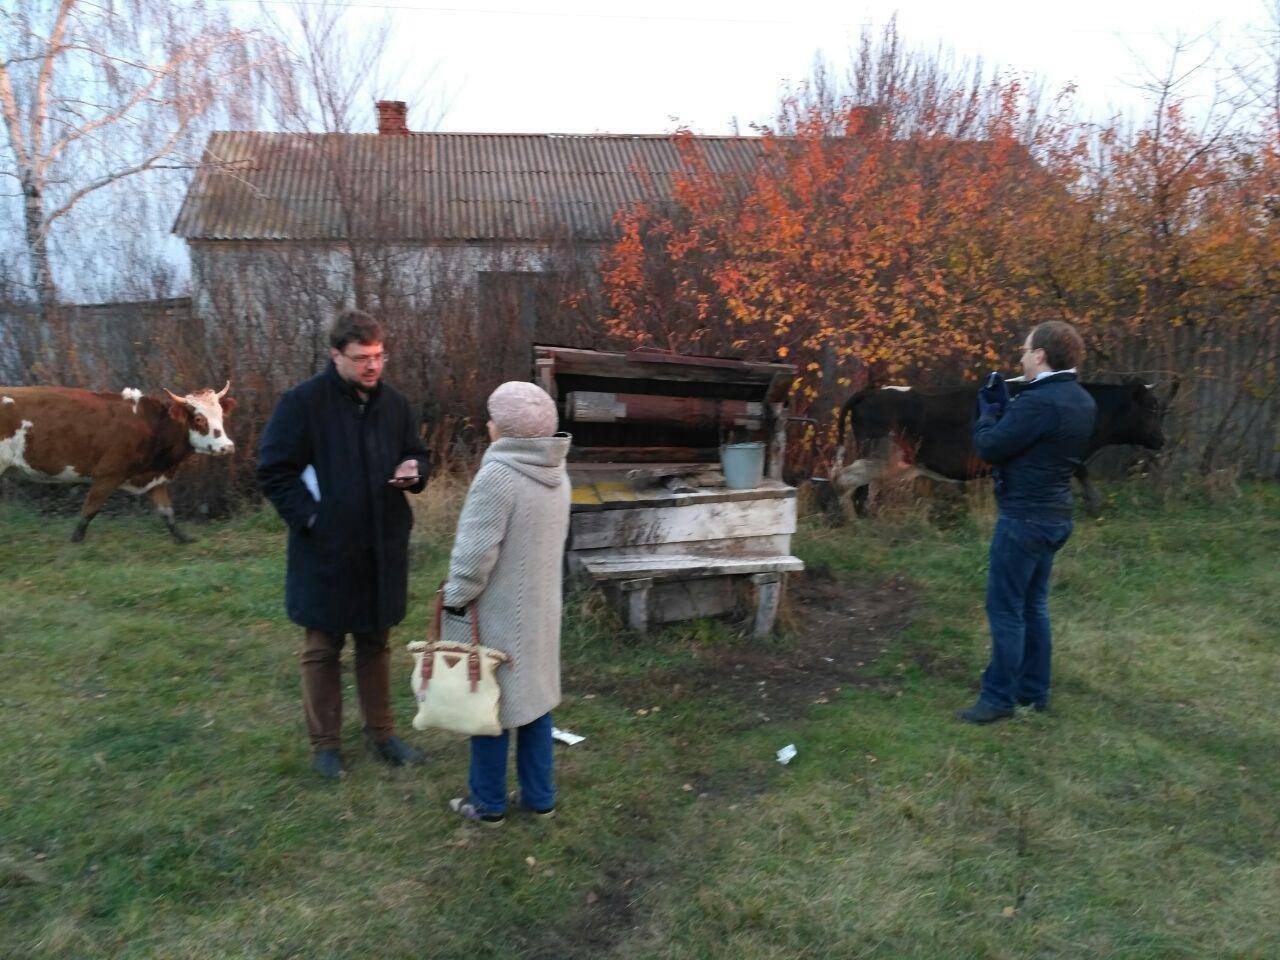 Корреспондент провэд.рф беседует с местной жительницей